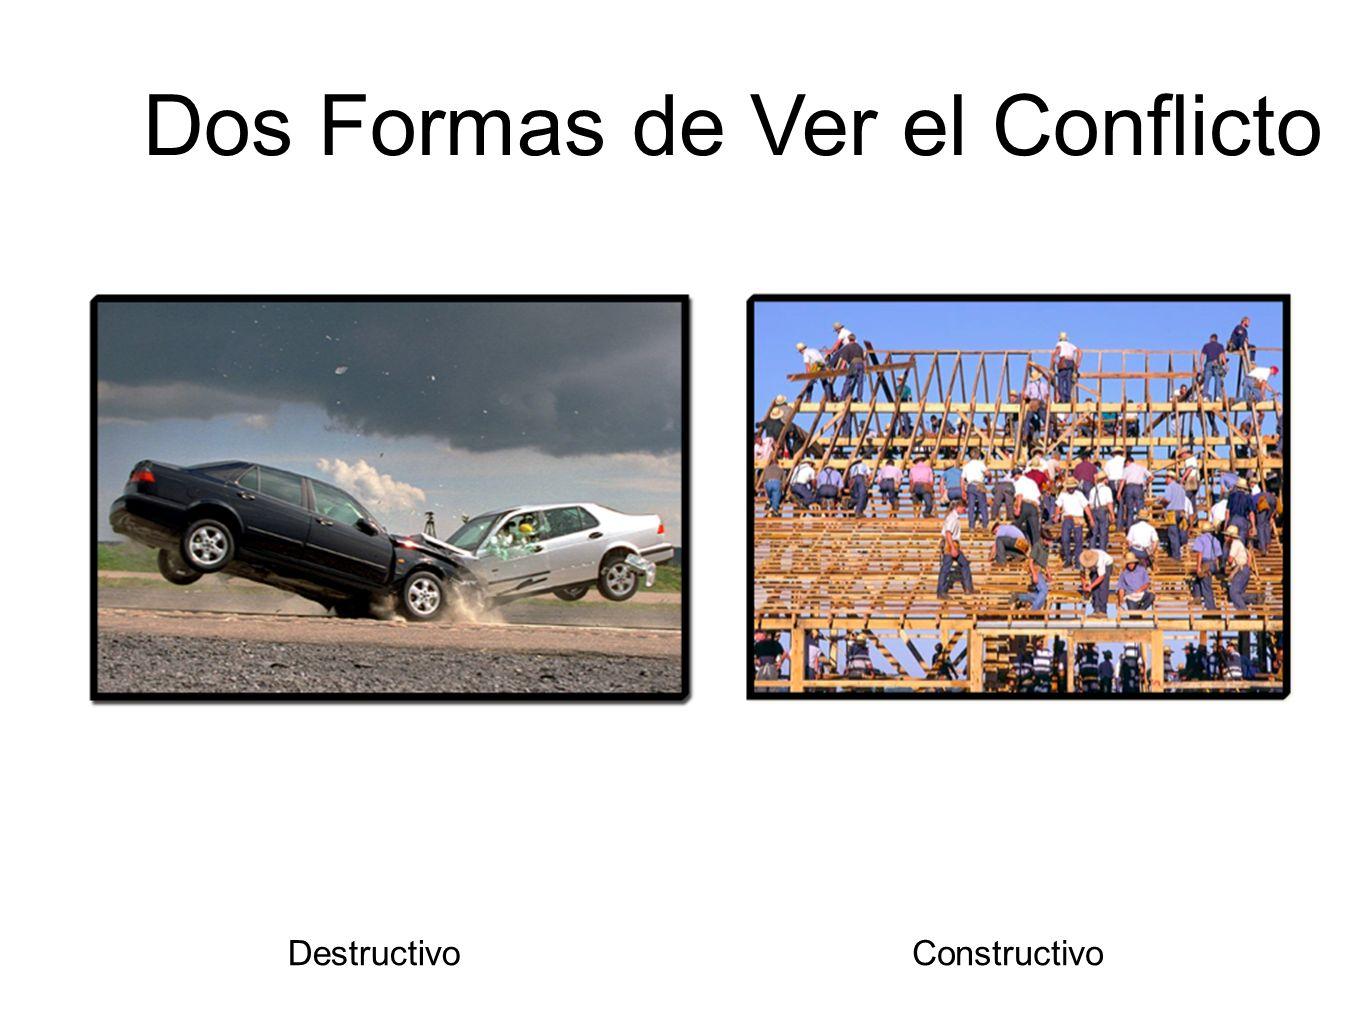 Dos Formas de Ver el Conflicto